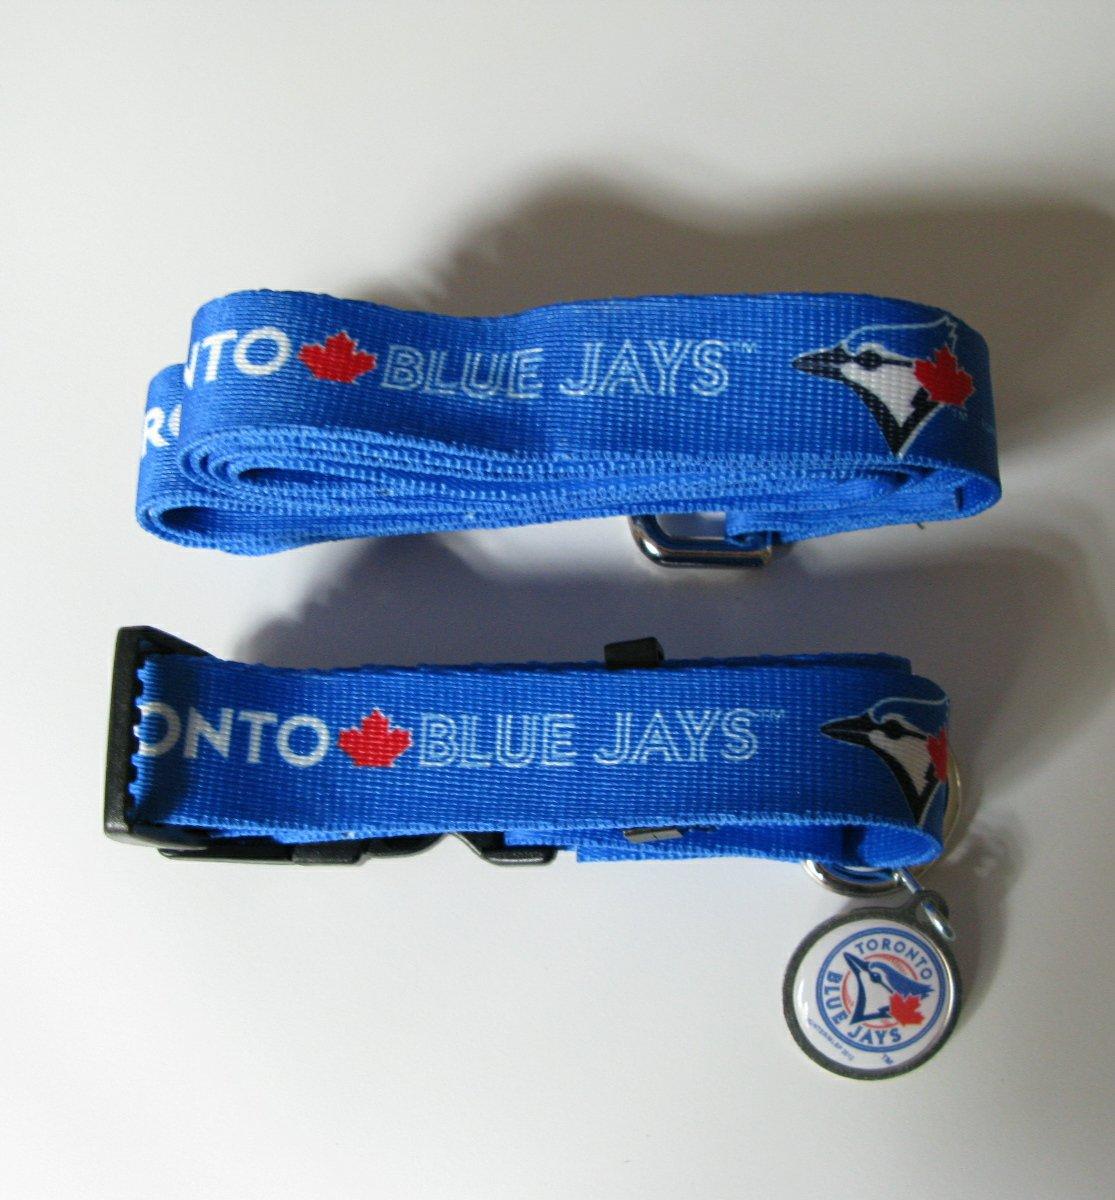 Toronto Blue Jays Pet Dog Leash Set Collar ID Tag Medium